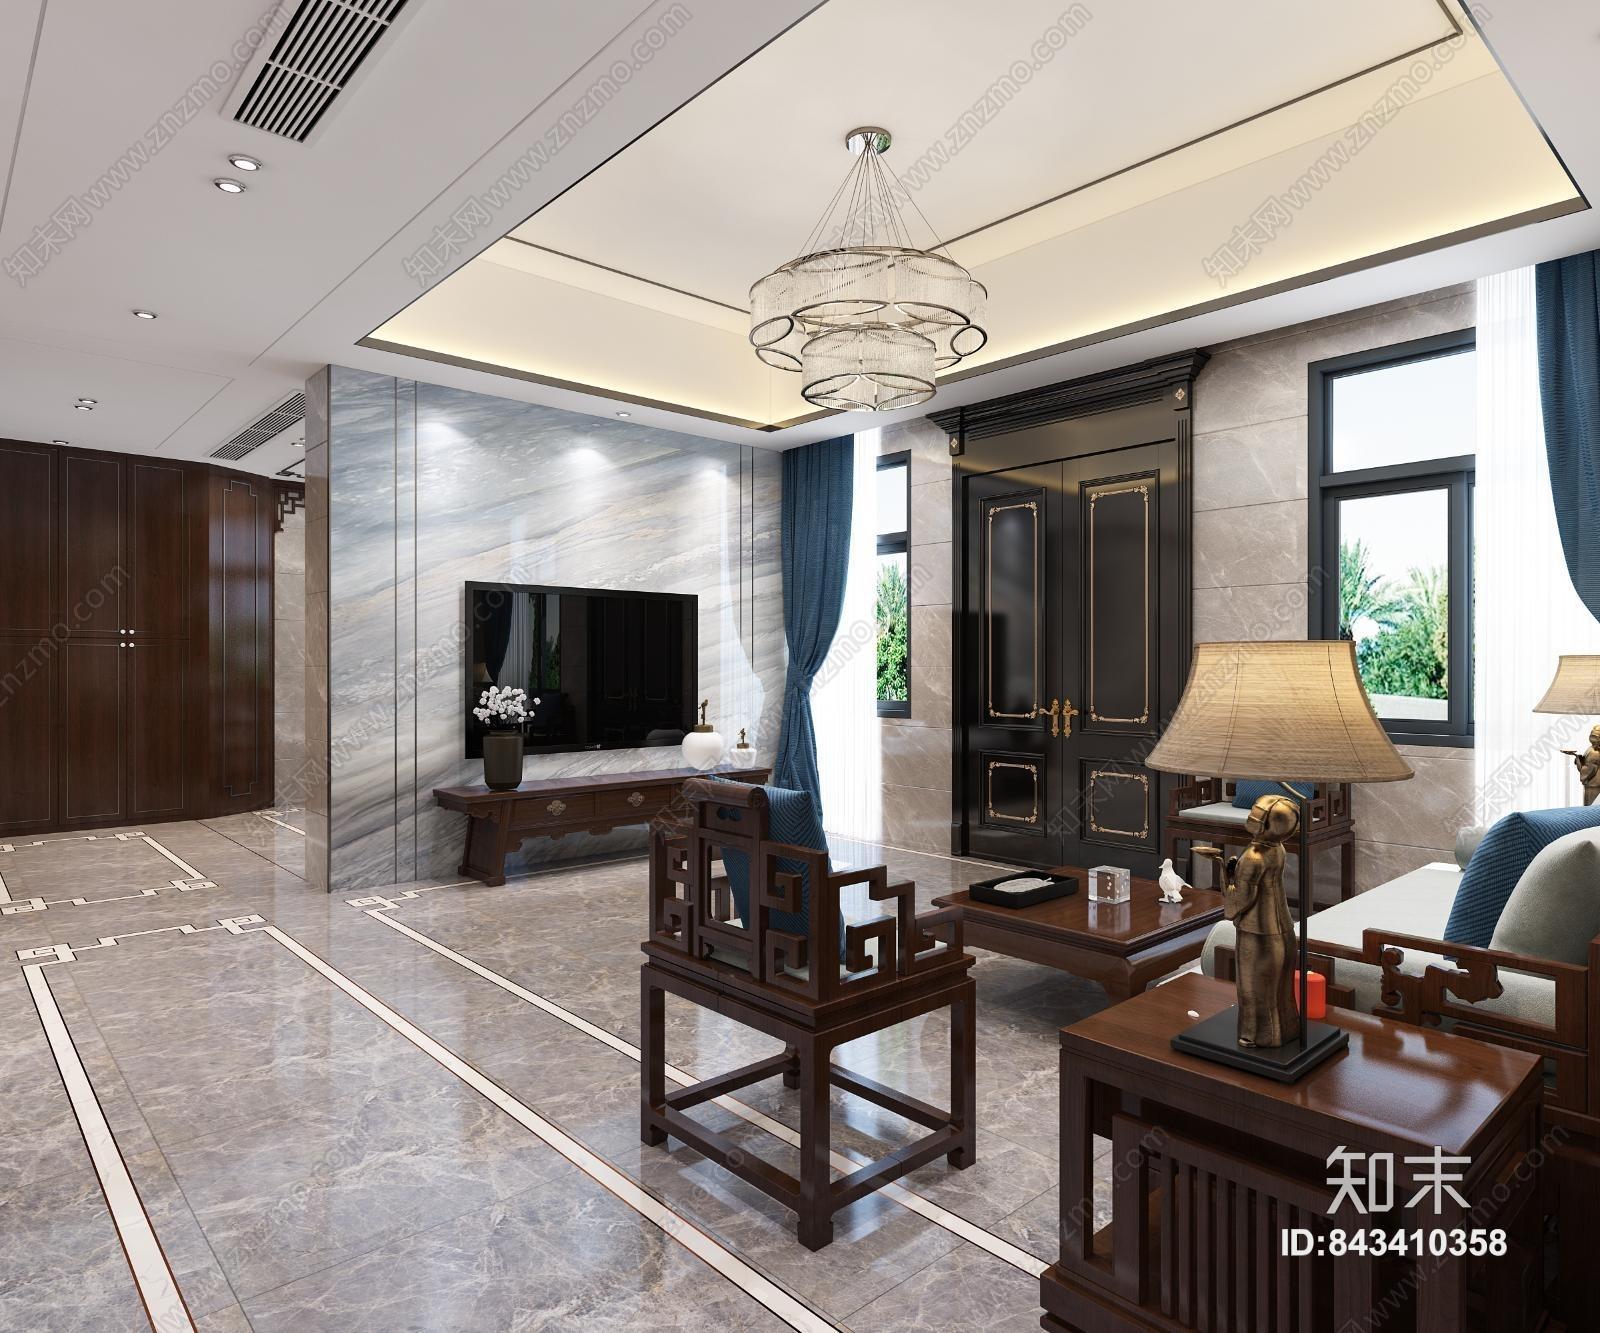 中式客厅 餐厅